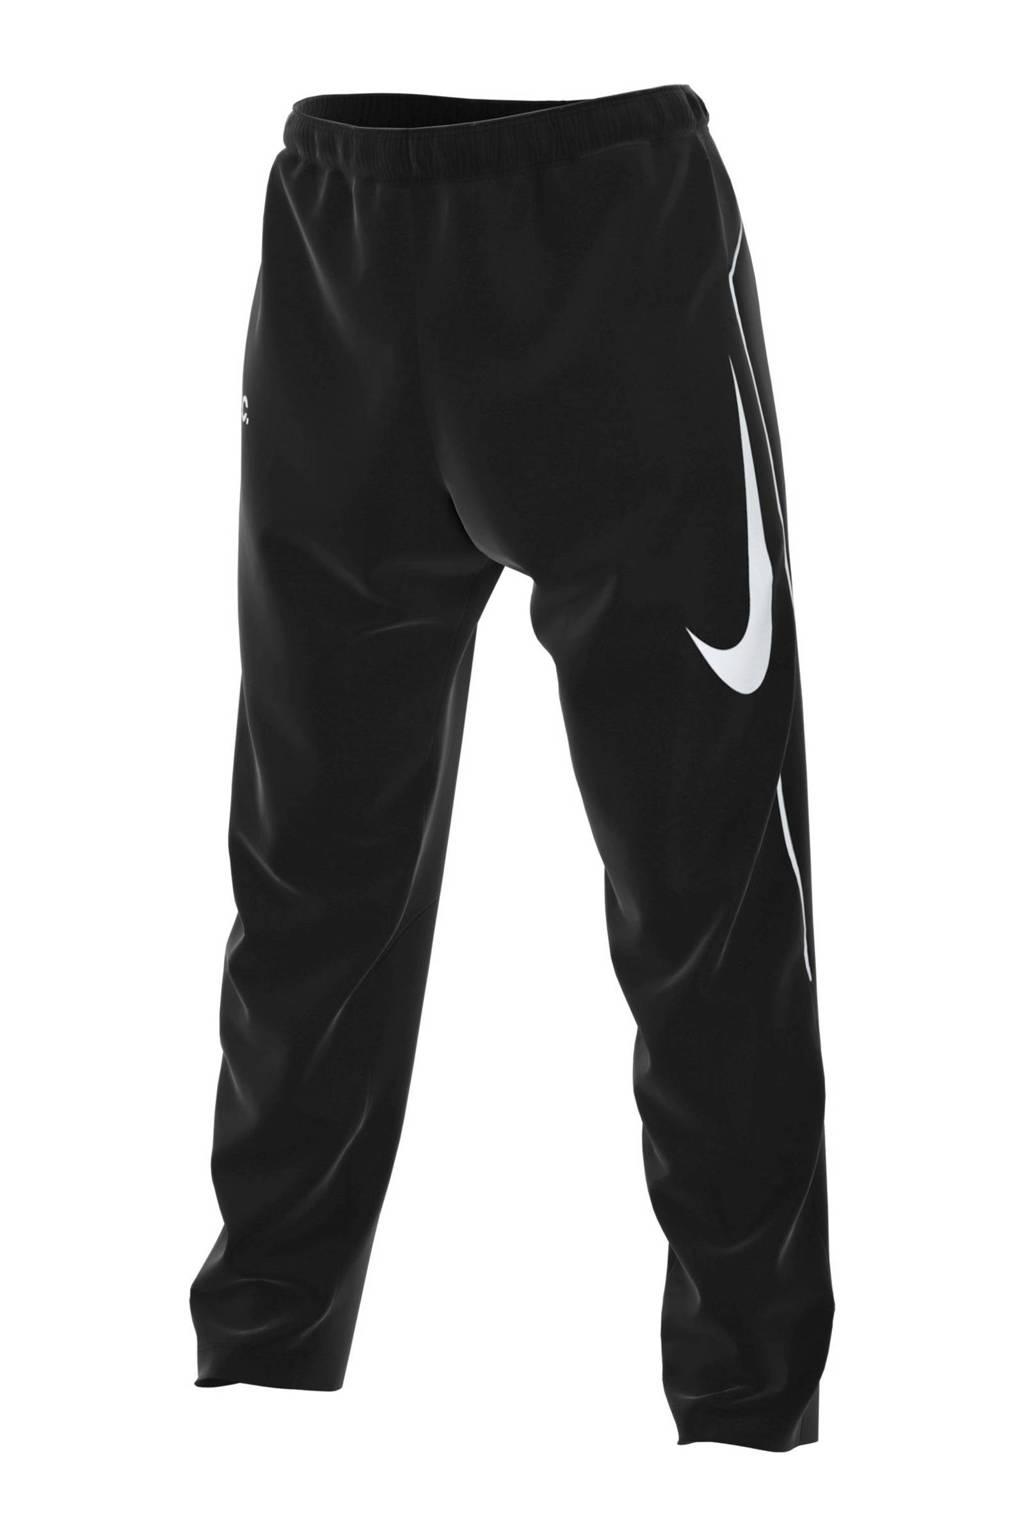 Nike   F.C. voetbalbroek zwart, Zwart